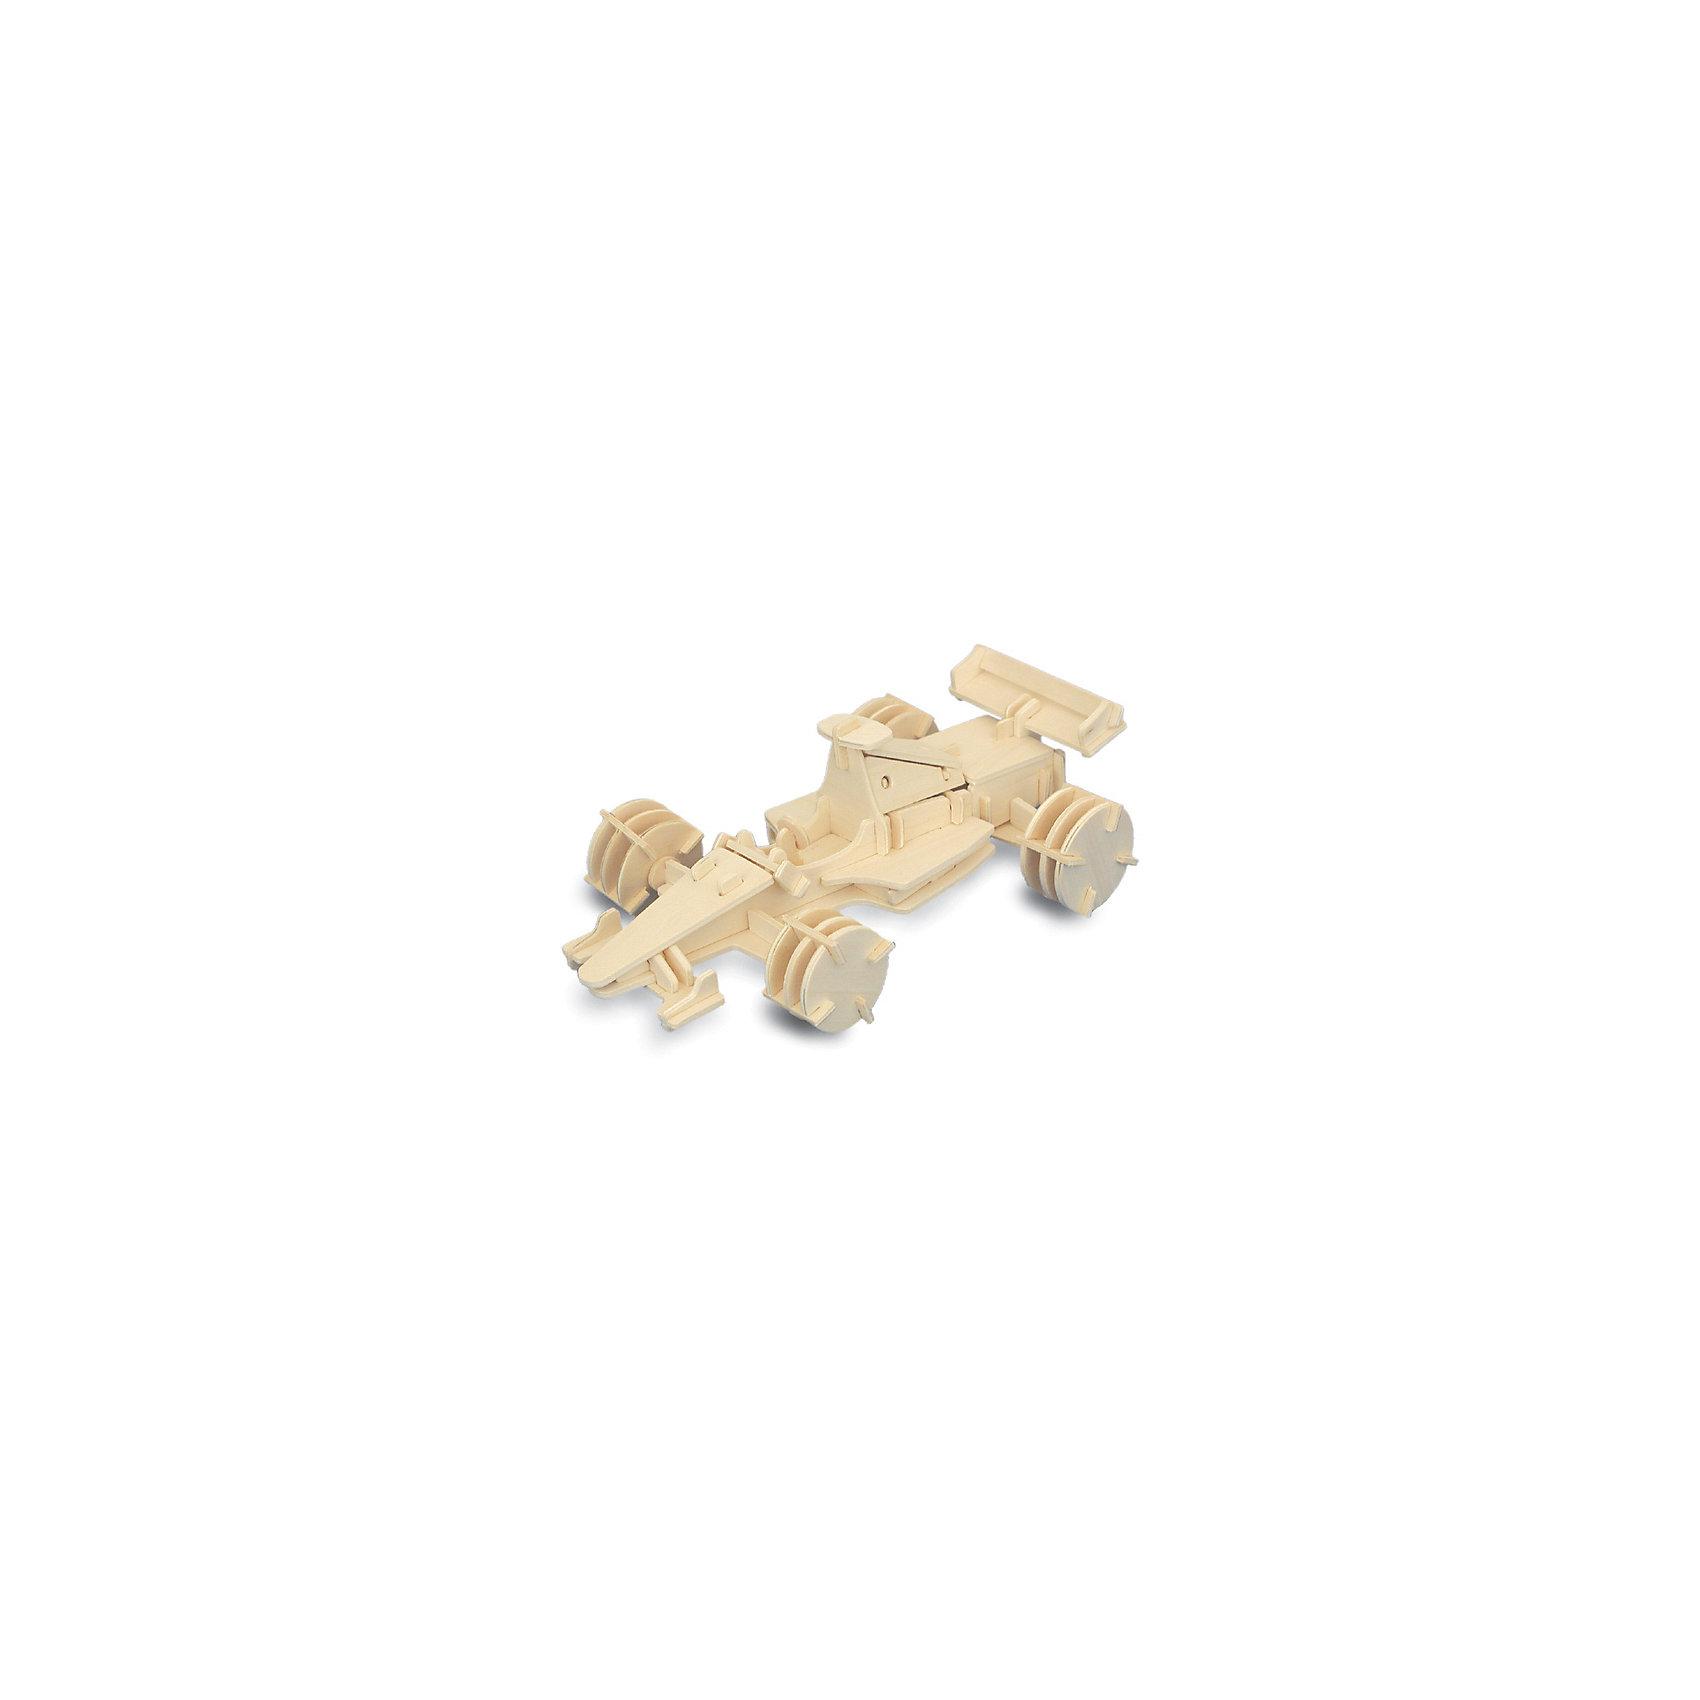 Формула 1 (мал.), Мир деревянных игрушекРукоделие<br>Порадовать любящего гонки творческого ребенка - легко! Подарите ему этот набор, из которого можно самому сделать красивую деревянную фигуру. Для этого нужно выдавить из пластины с деталями элементы для сборки и соединить их. Из наборов получаются красивые очень реалистичные игрушки, которые могут стать украшением комнаты.<br>Собирая их, ребенок будет развивать пространственное мышление, память и мелкую моторику. А раскрашивая готовое произведение, дети научатся подбирать цвета и будут развивать художественные навыки. Этот набор произведен из качественных и безопасных для детей материалов - дерево тщательно обработано.<br><br>Дополнительная информация:<br><br>материал: дерево;<br>цвет: бежевый;<br>элементы: пластины с деталями для сборки, схема сборки;<br>размер упаковки: 23 х 18 см.<br><br>3D-пазл Формула 1 (мал.) от бренда Мир деревянных игрушек можно купить в нашем магазине.<br><br>Ширина мм: 225<br>Глубина мм: 30<br>Высота мм: 180<br>Вес г: 450<br>Возраст от месяцев: 36<br>Возраст до месяцев: 144<br>Пол: Мужской<br>Возраст: Детский<br>SKU: 4969173